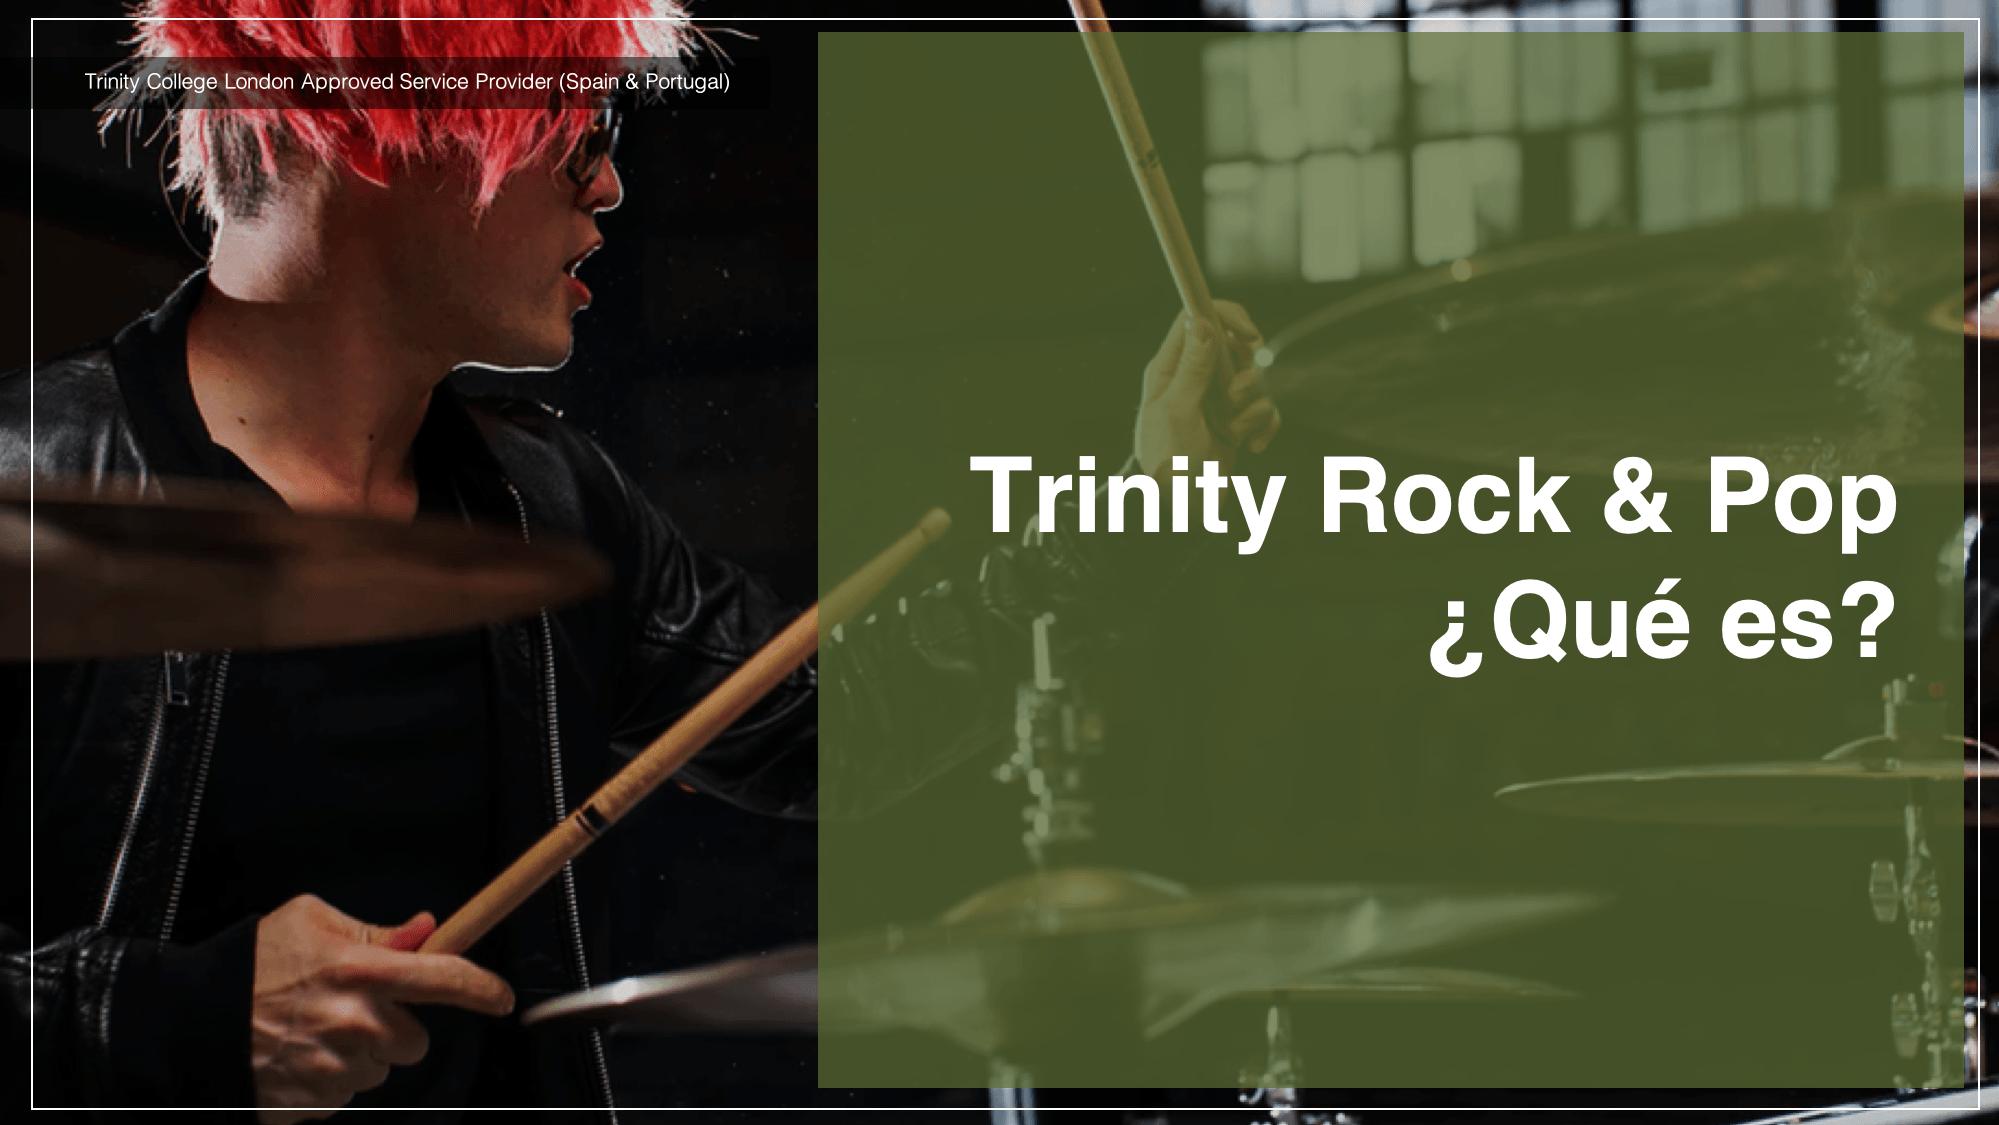 Trinity Rock & Pop  ¿Qué es?